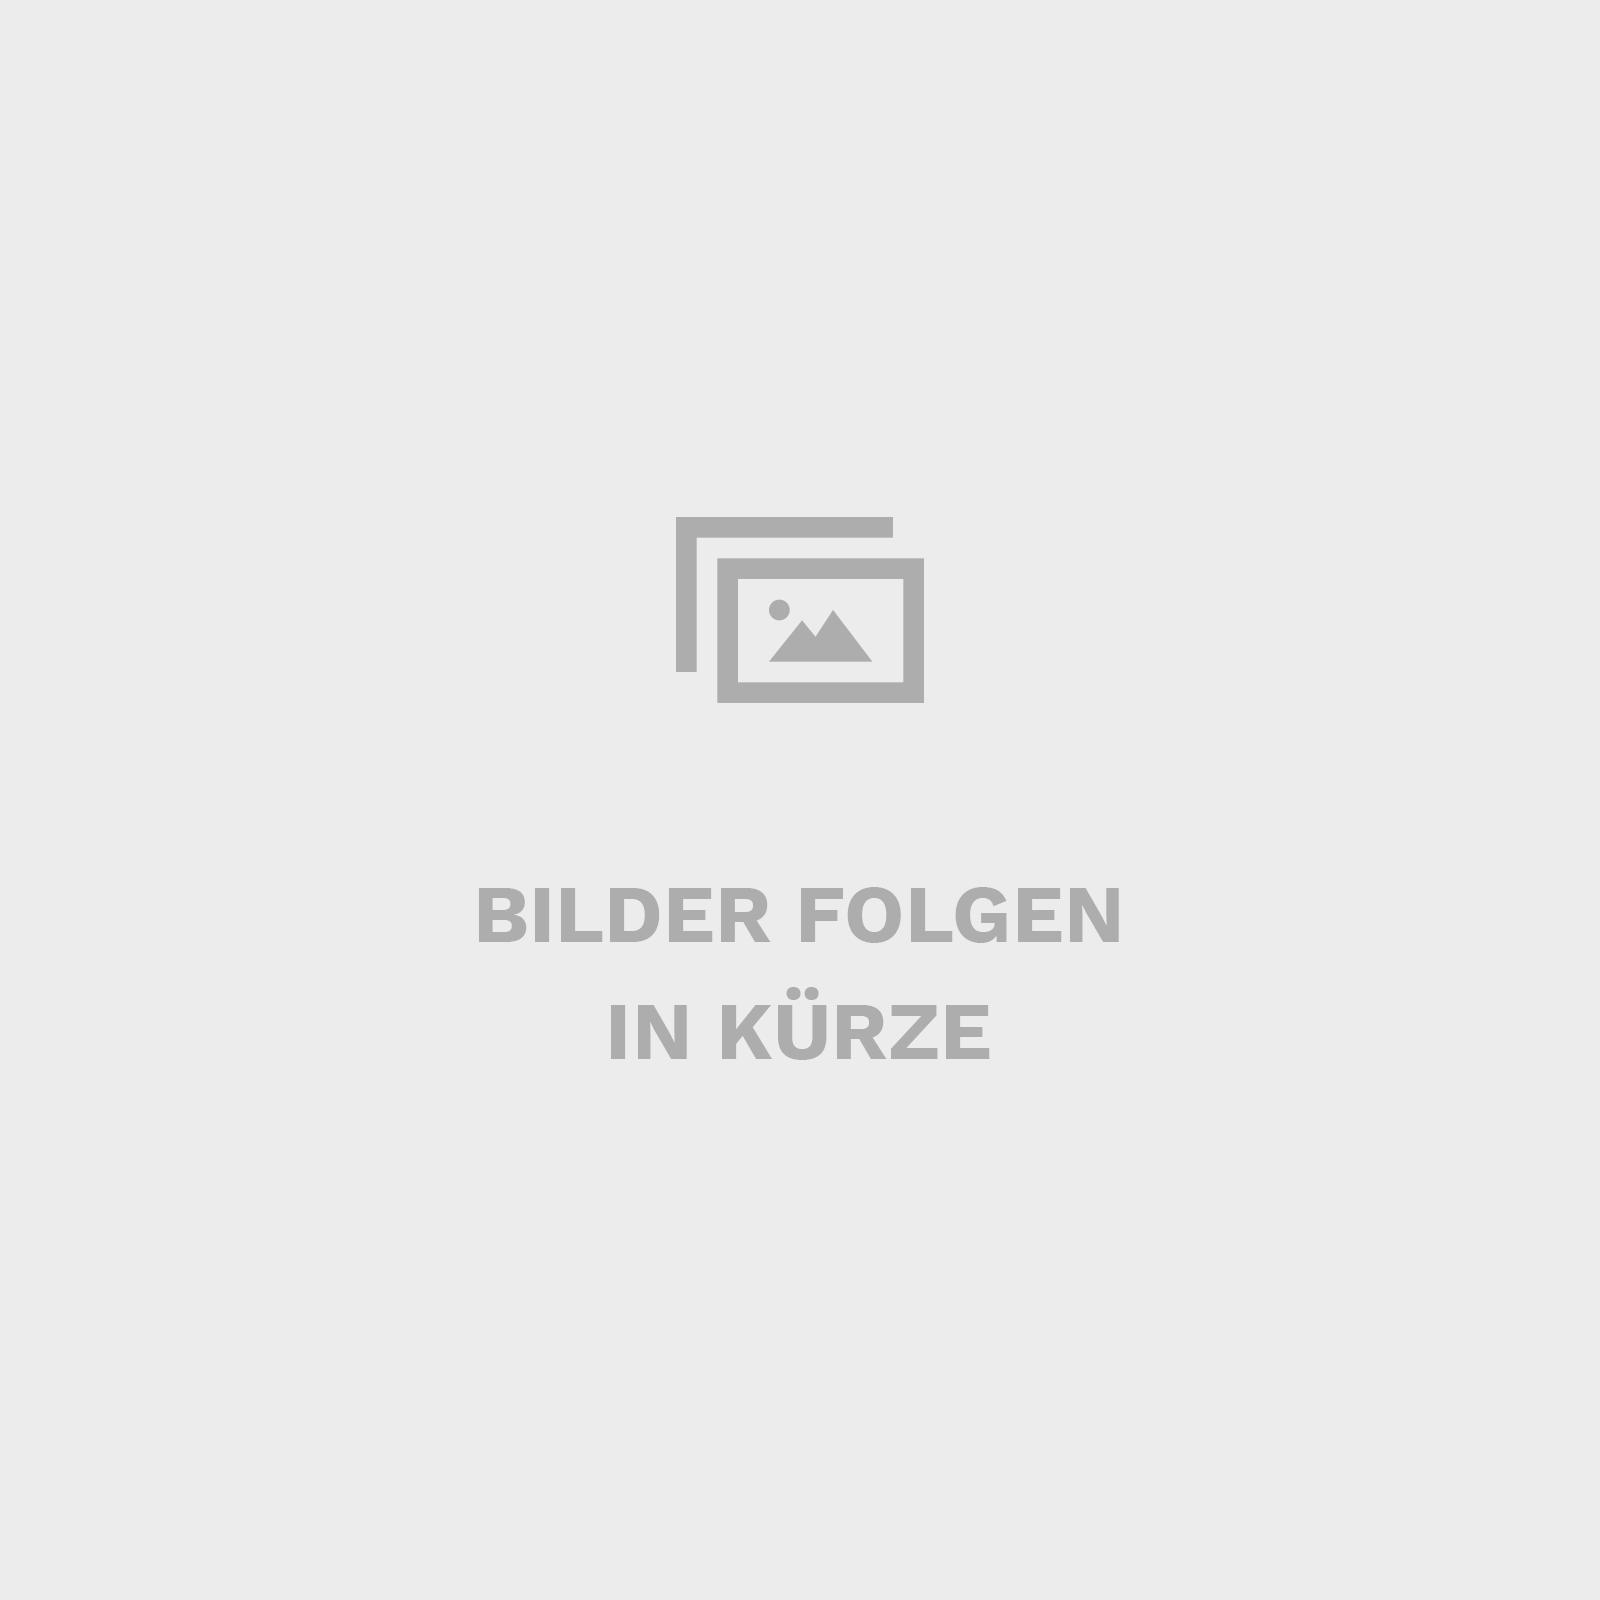 Farbe grass/ grasgrün unbeleuchtet